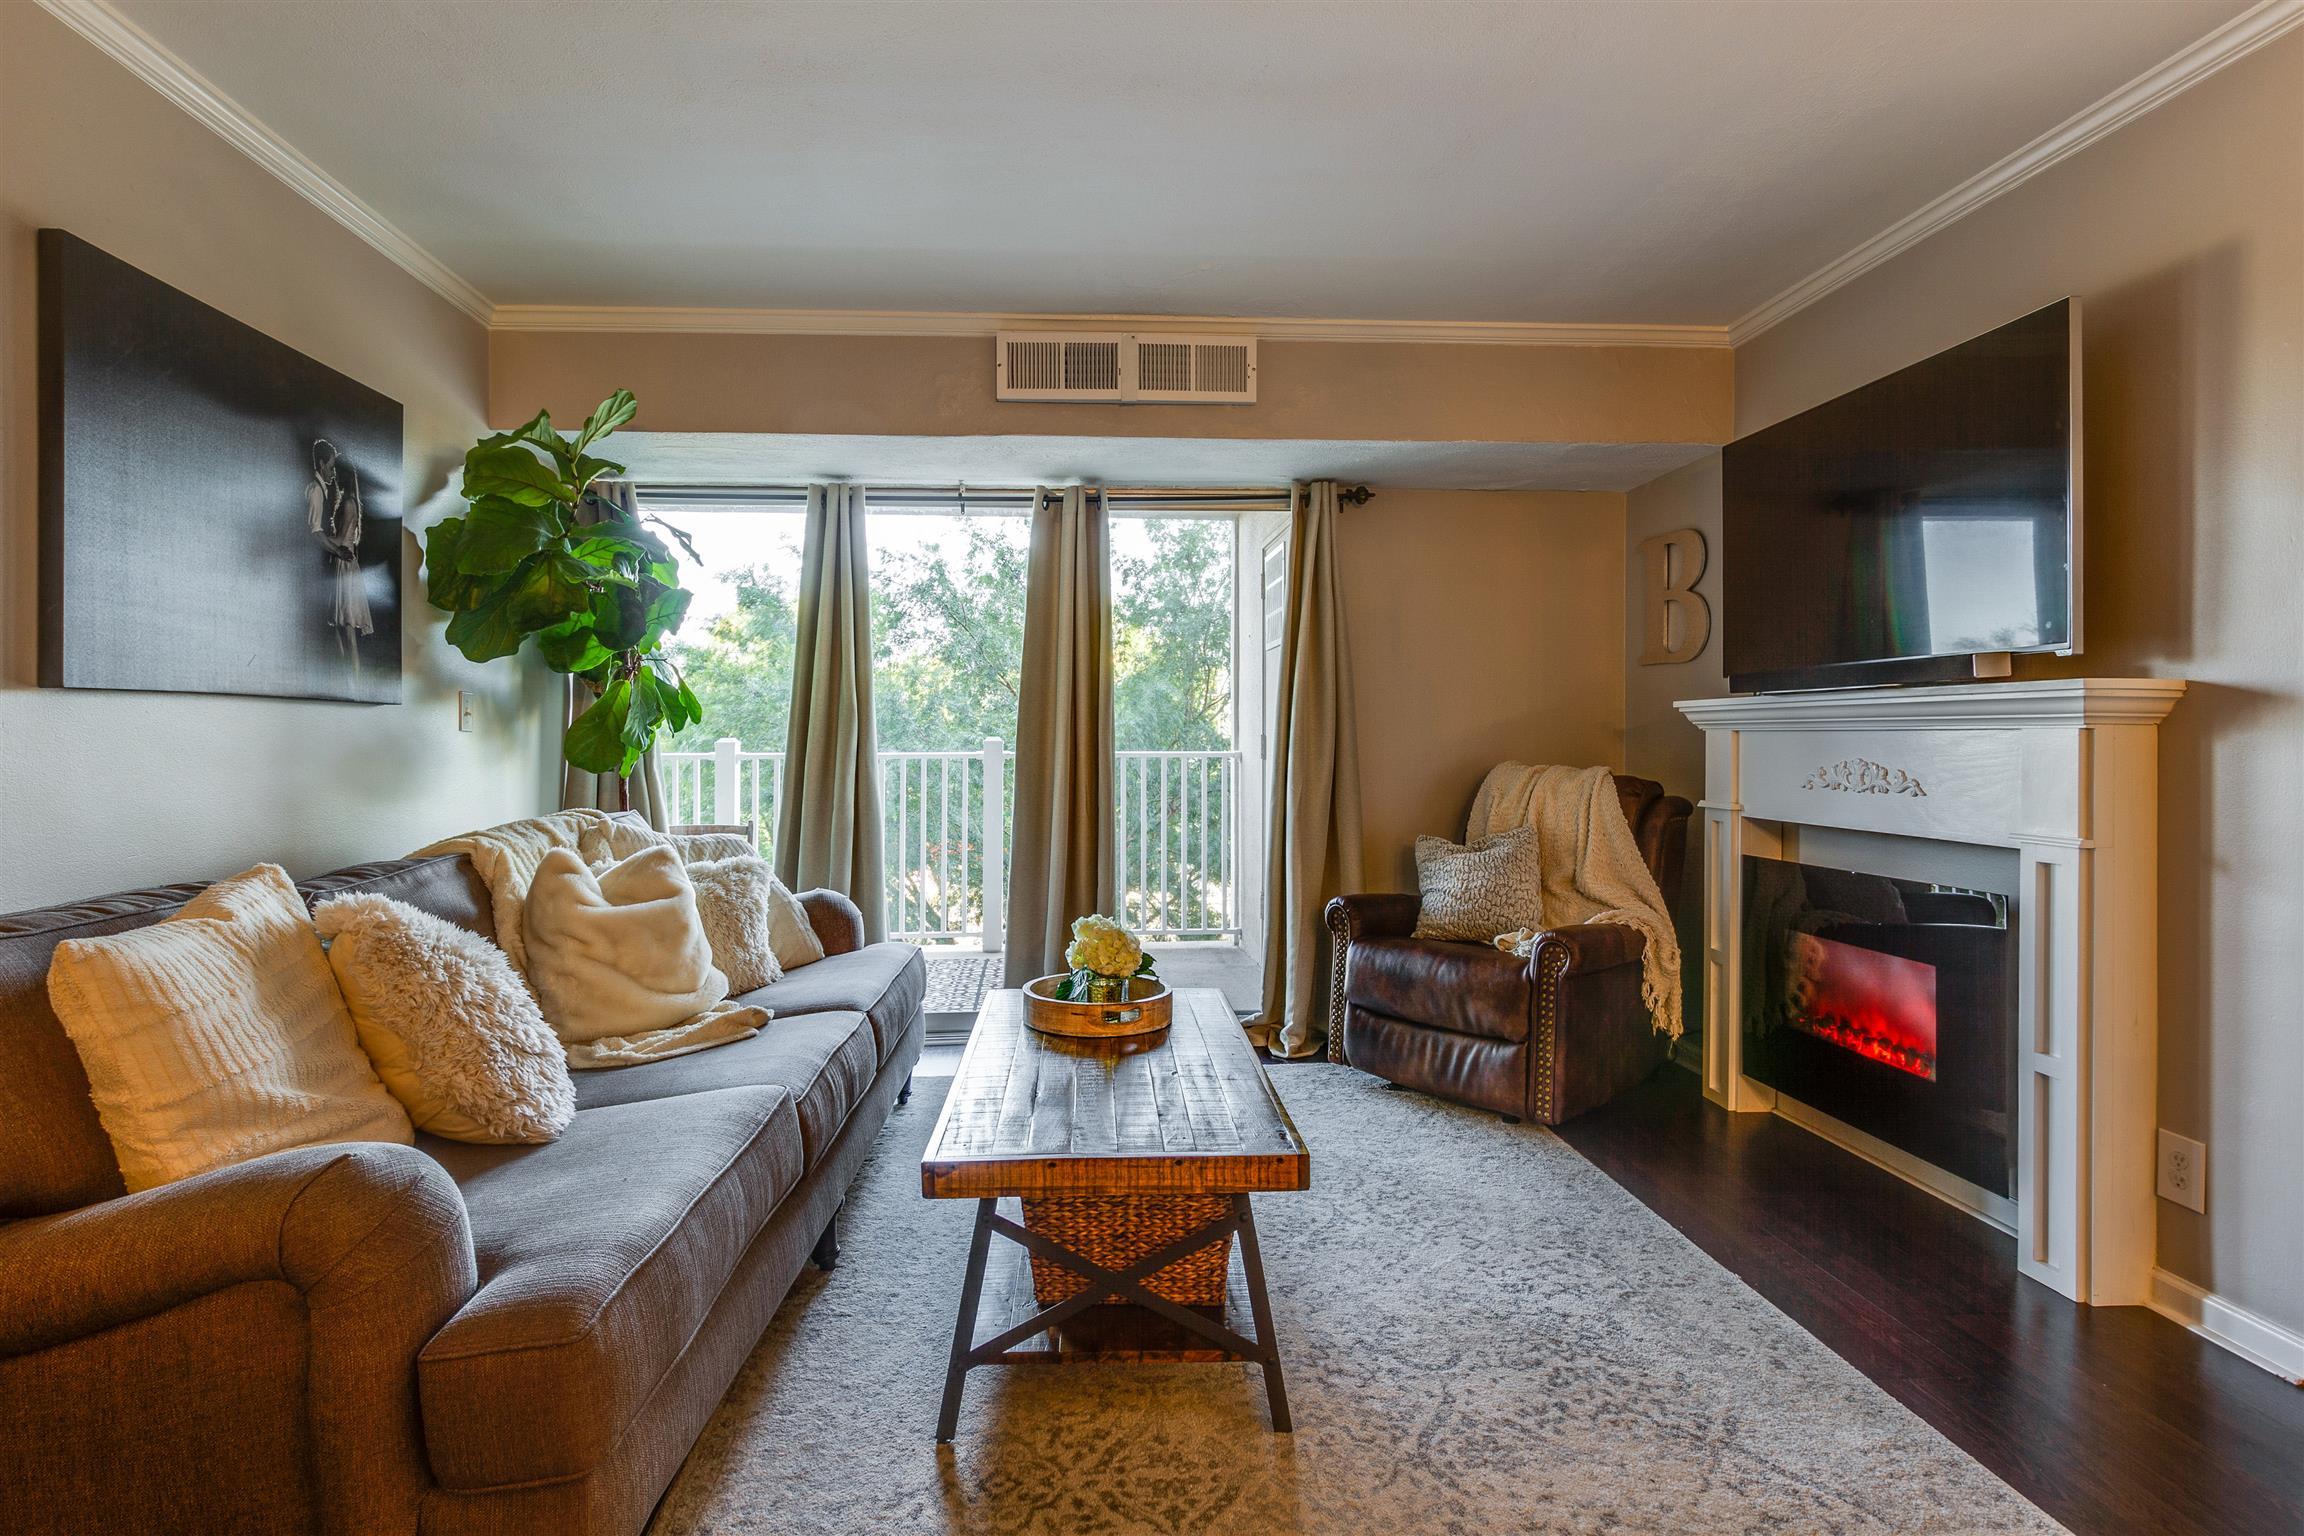 3415 West End Ave, Nashville, TN 37203 - Nashville, TN real estate listing